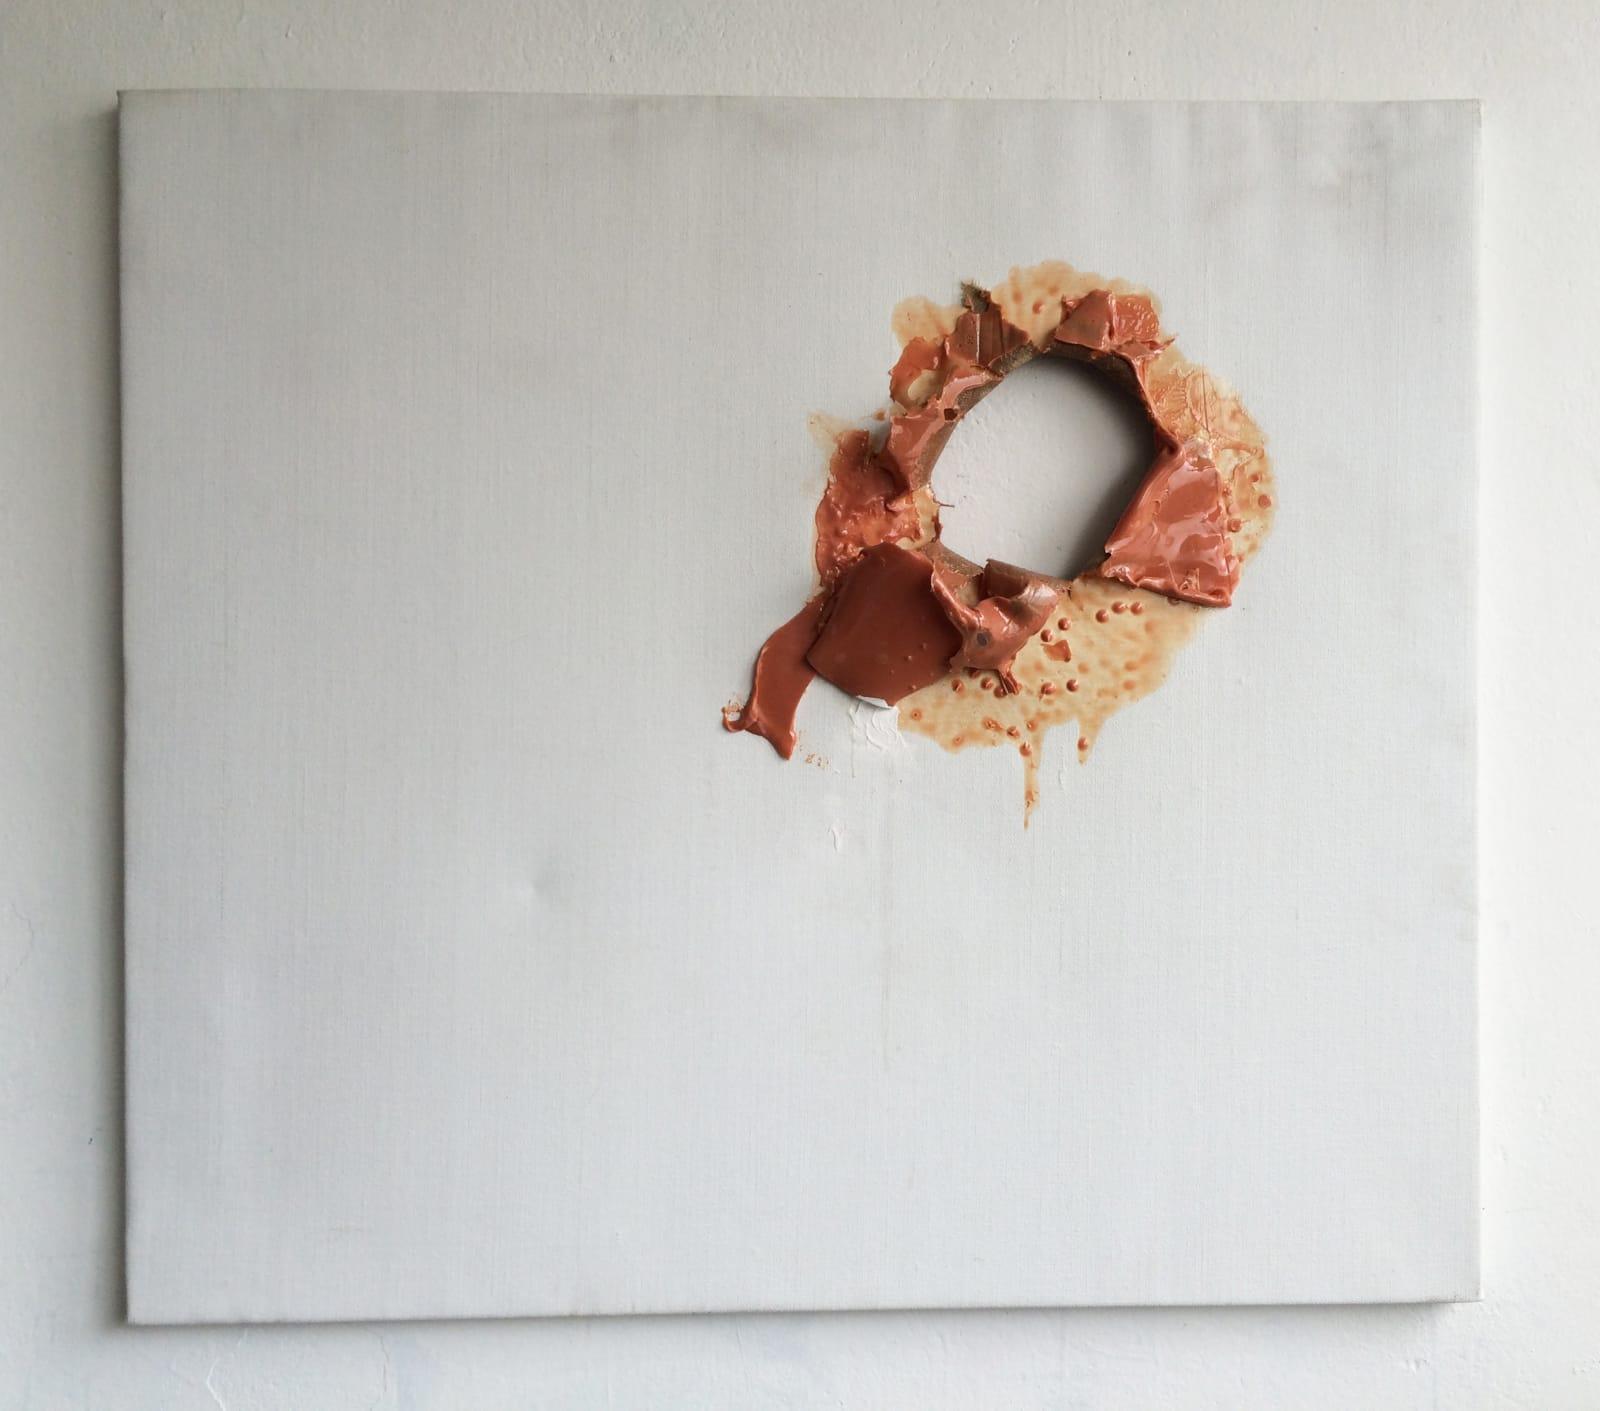 Édouard Prulhière Painting with pink hole Technique mixte 93 x 108 cm